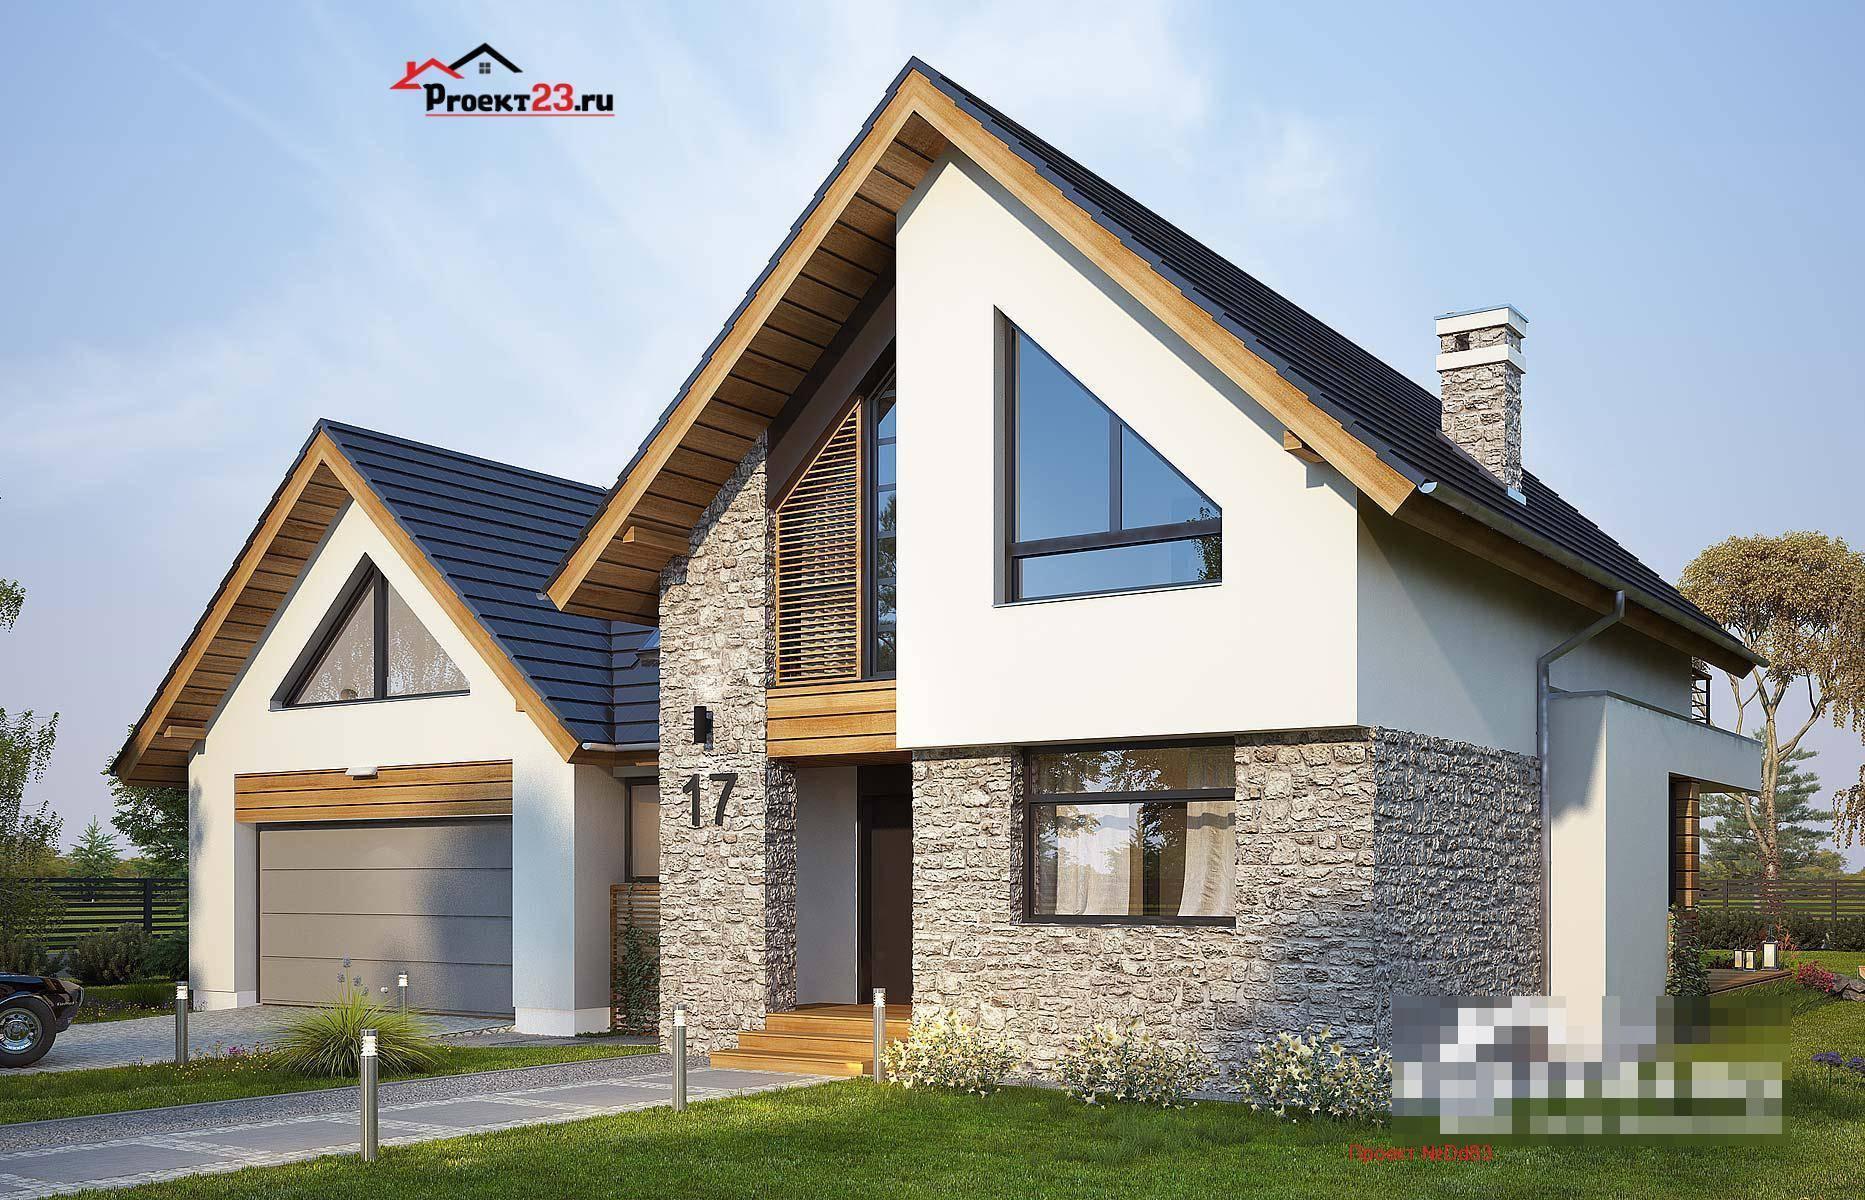 Проекты домов с мансардой: бесплатно чертежи и фото   home-ideas.ru